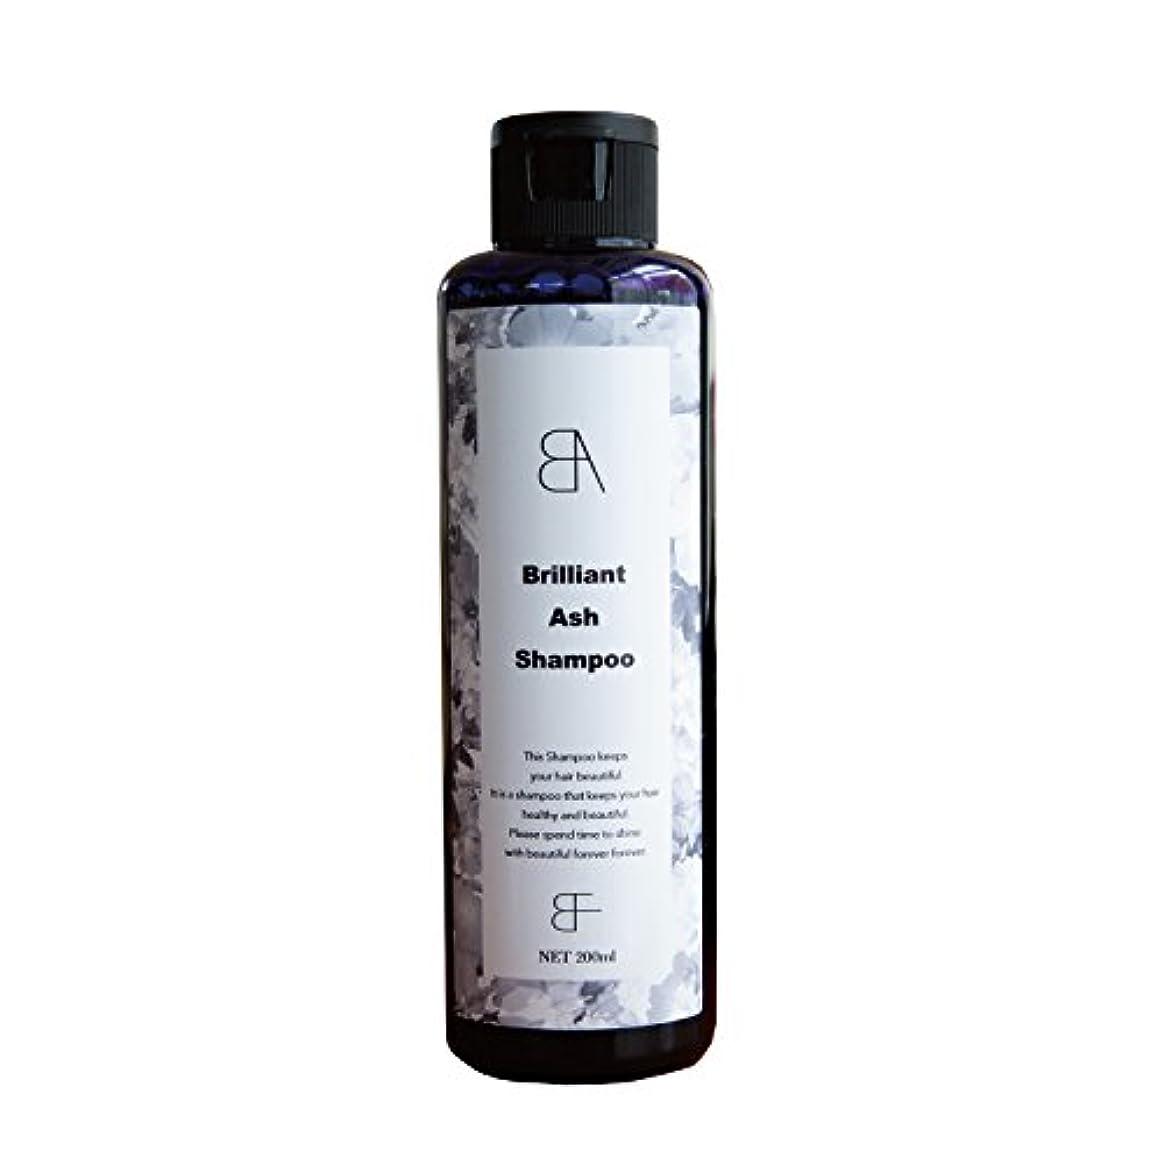 成分大使館ダンスBrilliant Ash Shampoo(ブリリアント アッシュ シャンプー) カラーシャンプー シルバーシャンプー 200ml (サロン専売商品)